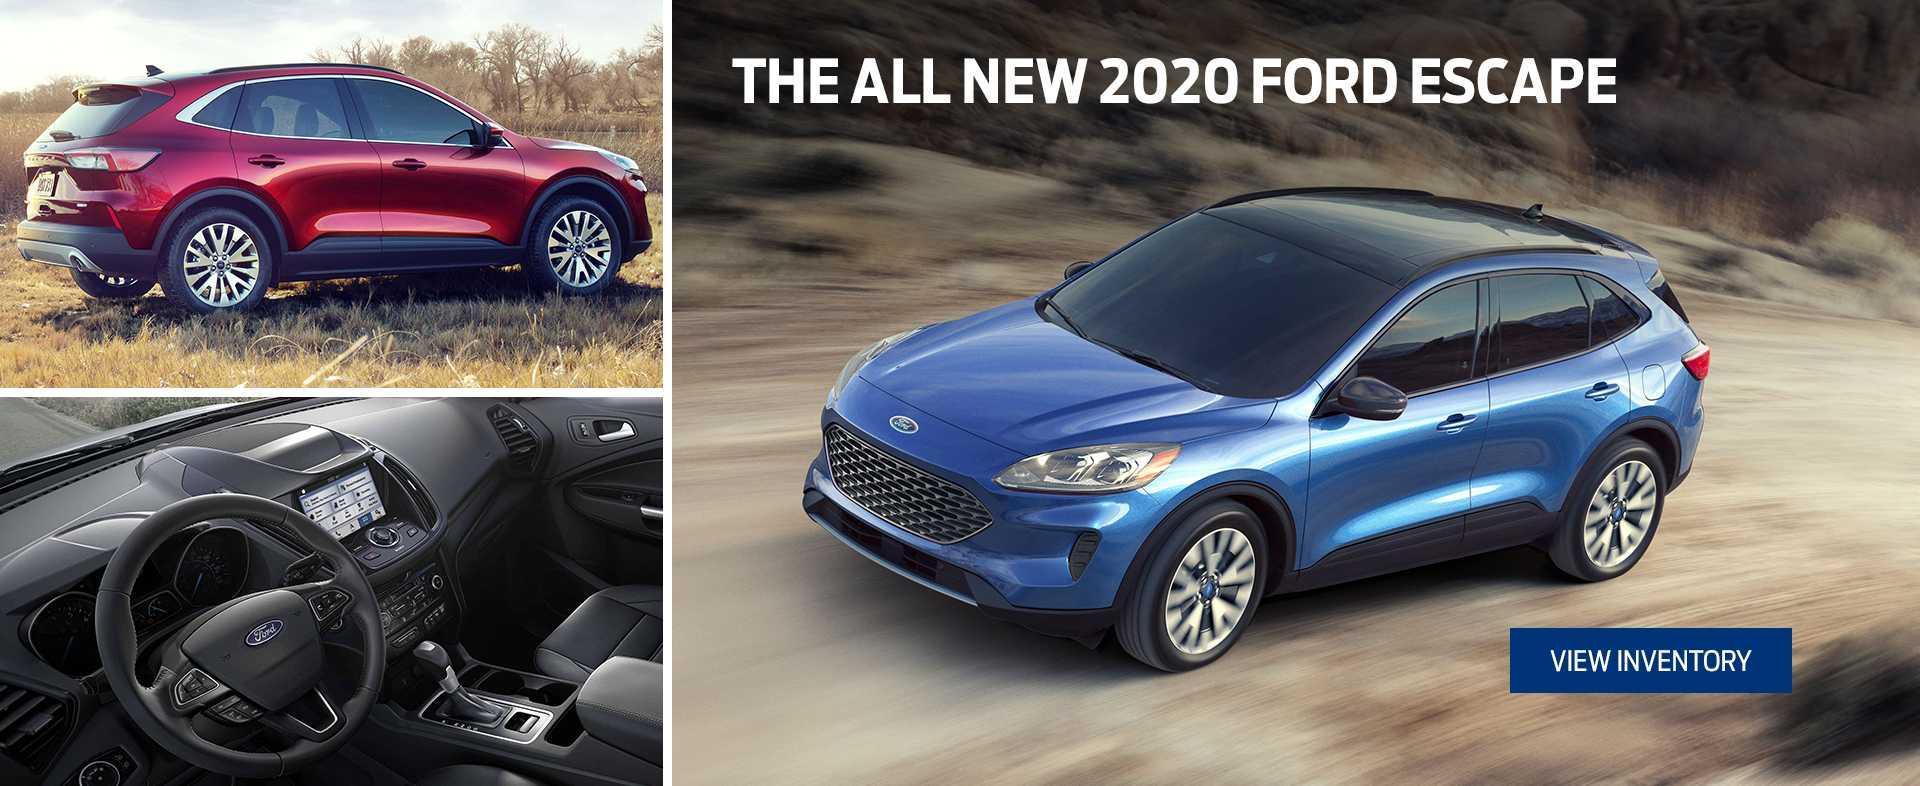 Ford Home 2020 Escape image